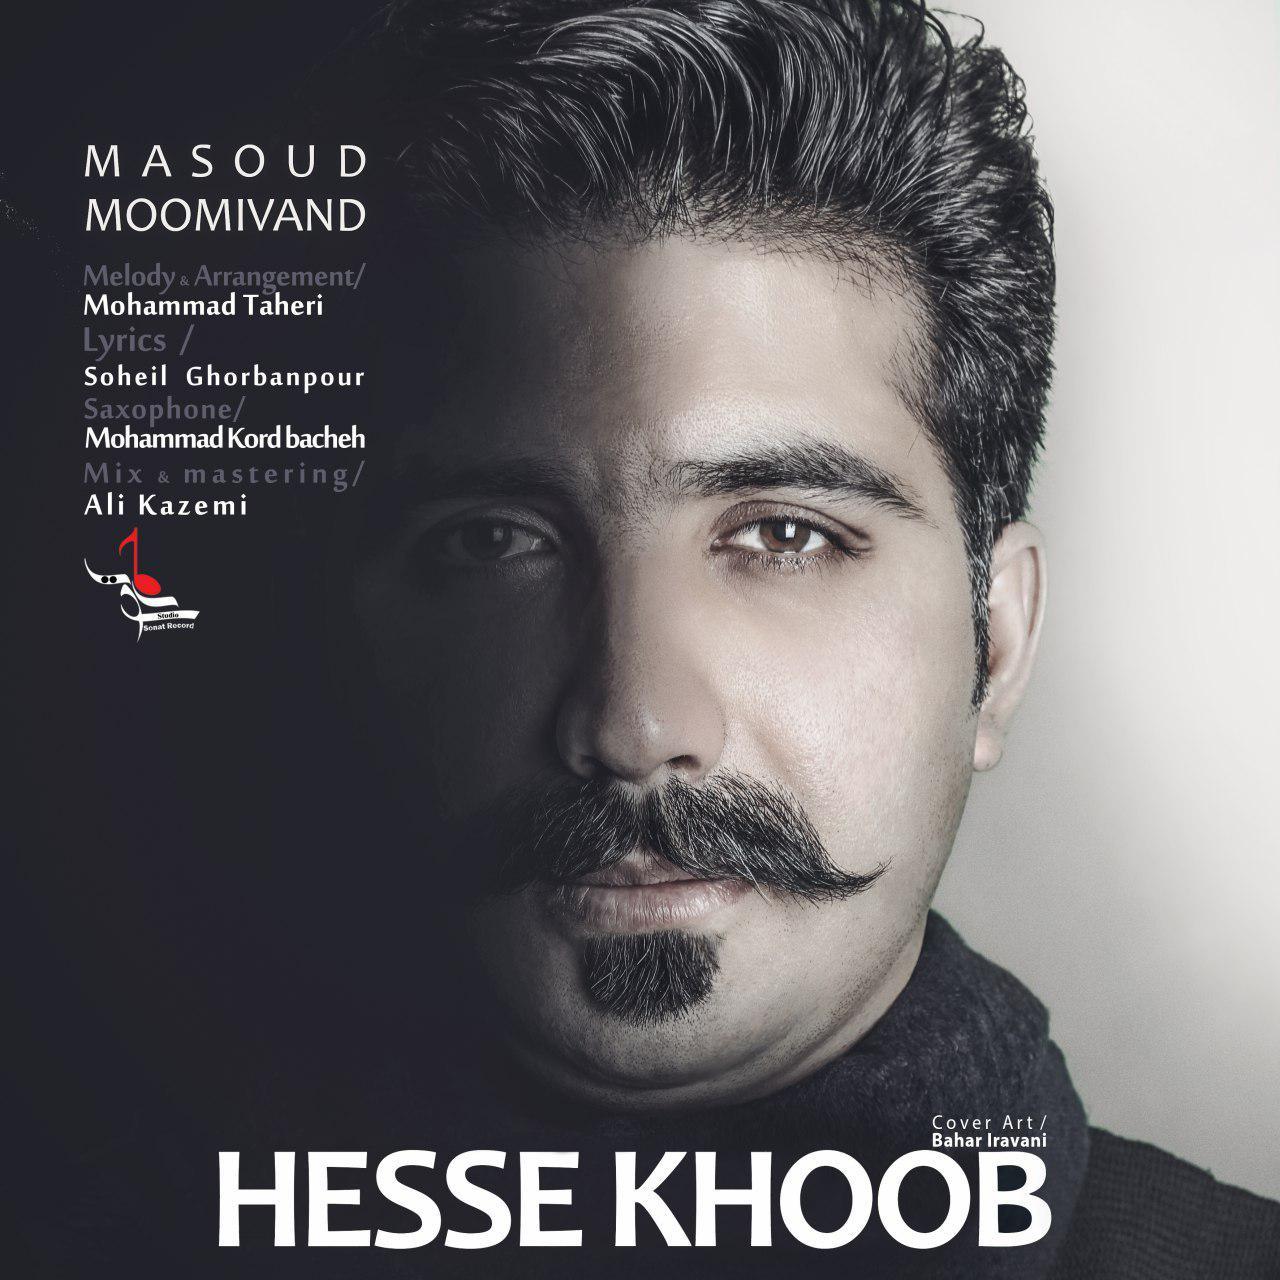 نامبر وان موزیک | دانلود آهنگ جدید Masoud-Moomivand-Hesse-Khoob